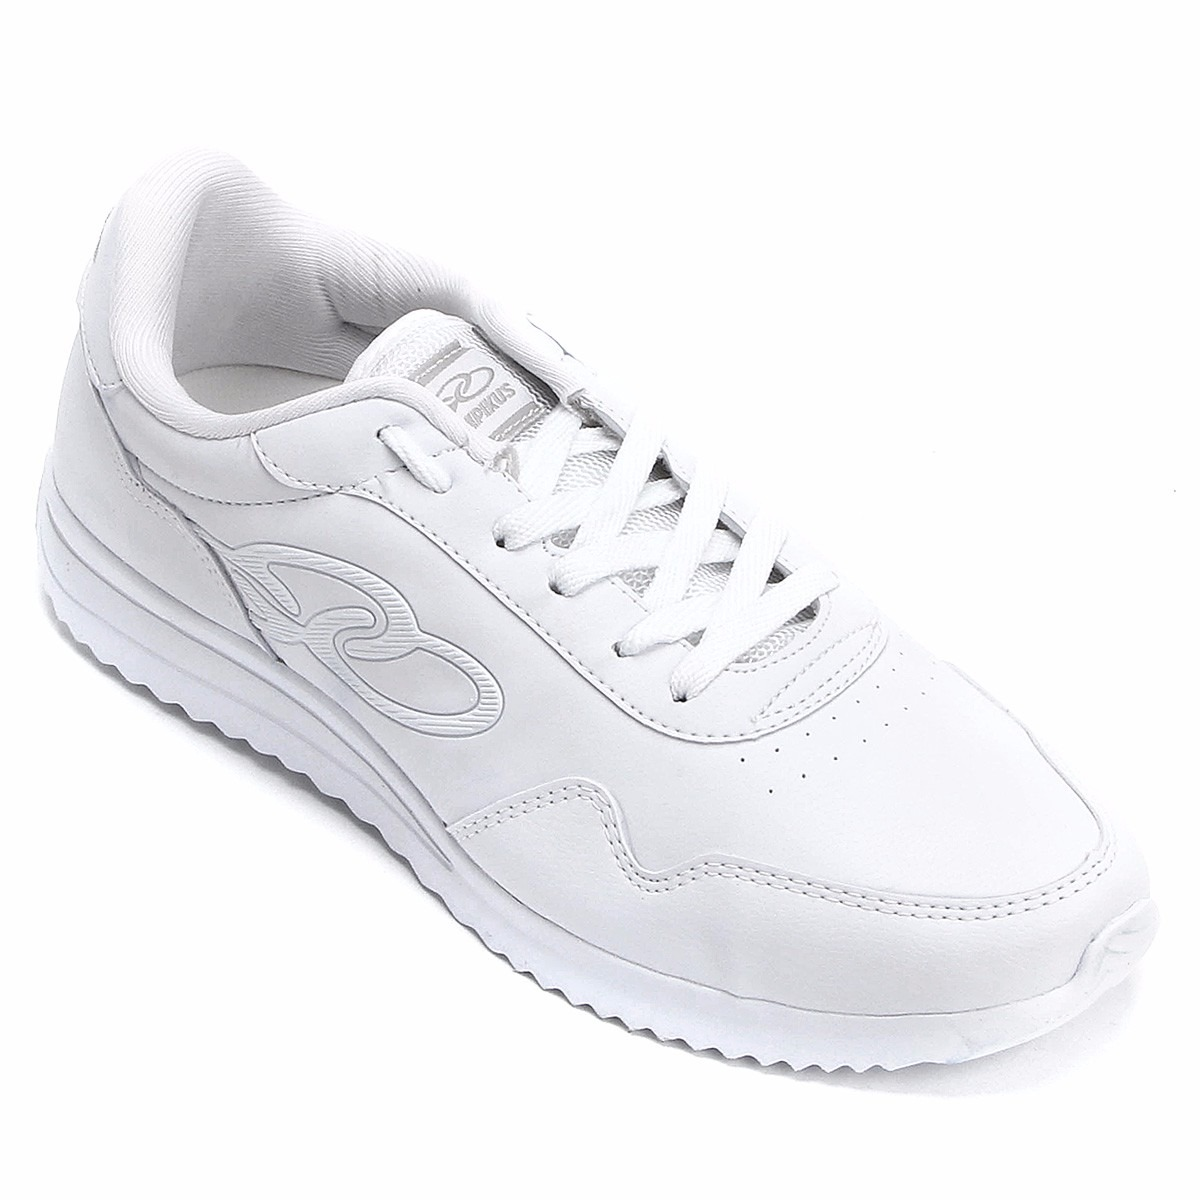 tênis olympikus jogging 200 original branco e preto 34 ao 44. Carregando  zoom. 0bb3238e11381